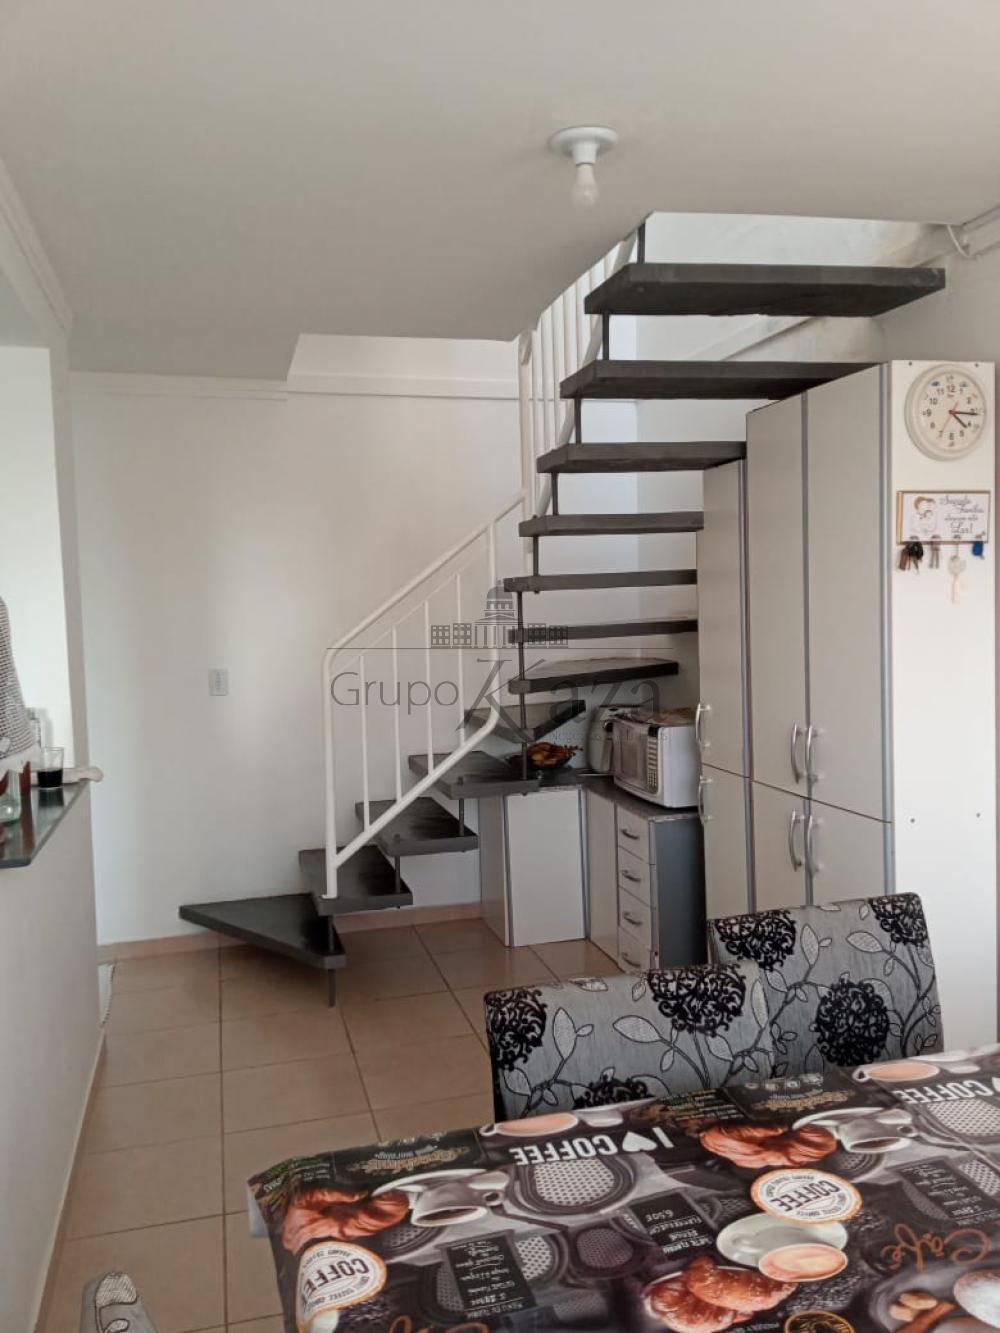 alt='Comprar Apartamento / Cobertura Duplex em São José dos Campos R$ 372.000,00 - Foto 5' title='Comprar Apartamento / Cobertura Duplex em São José dos Campos R$ 372.000,00 - Foto 5'